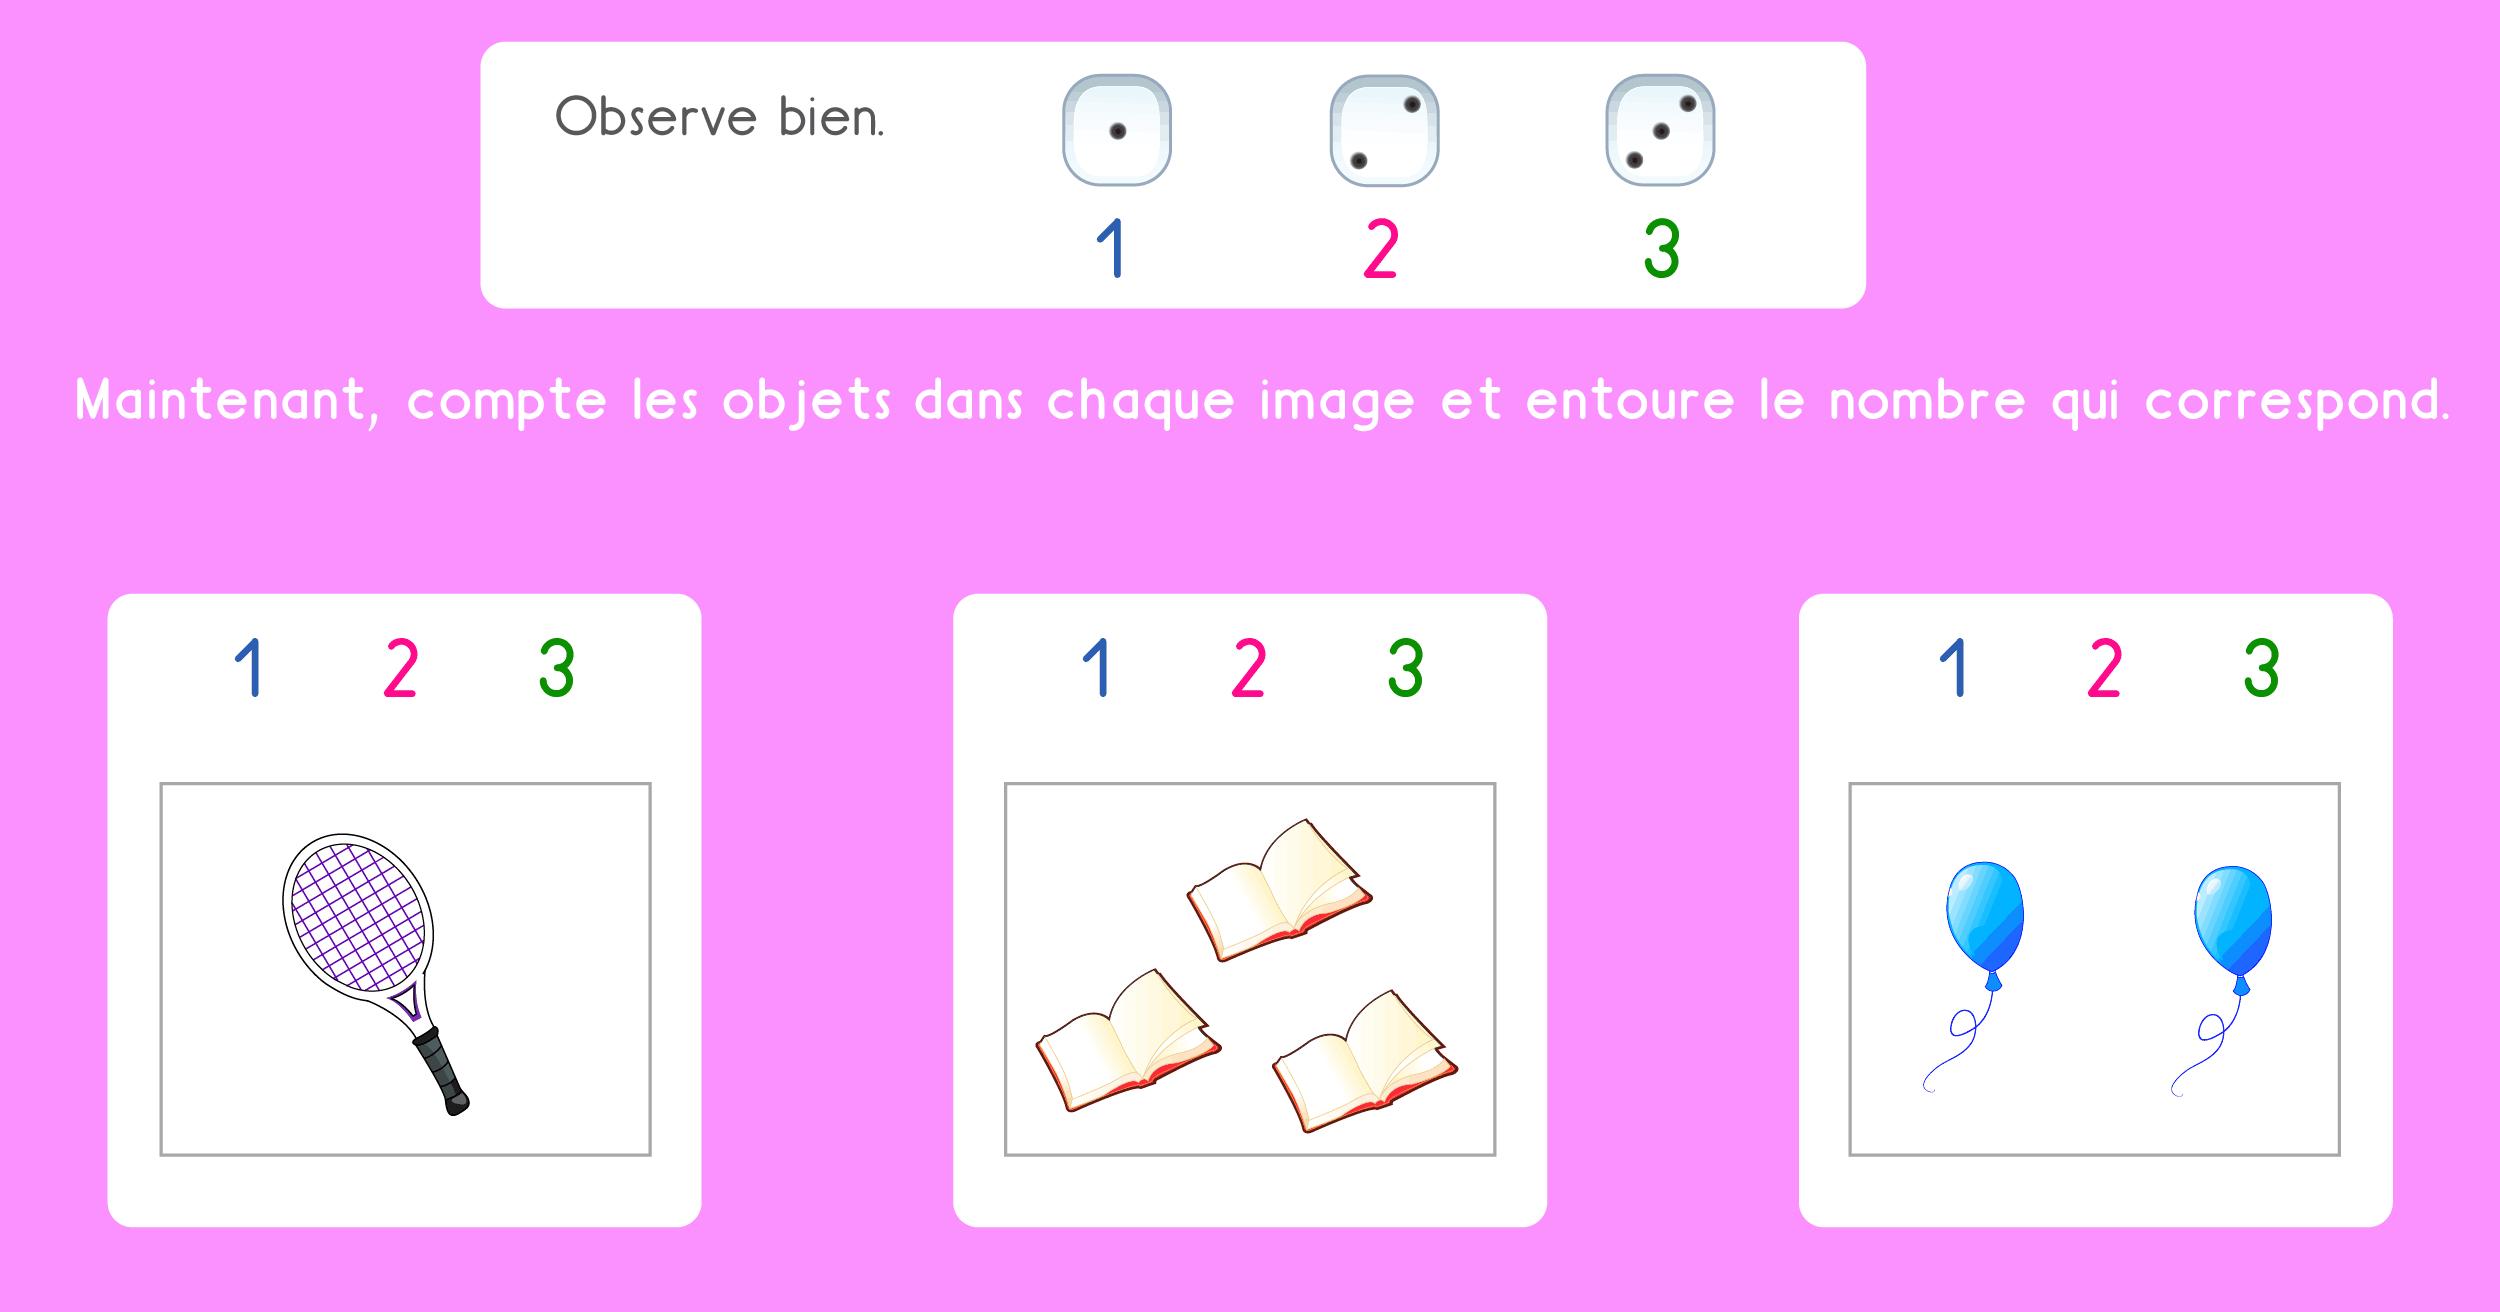 Pdf Fiches Exercices Jeux Mathématiques 3 Ans Petite Section pour Exercice Pour Enfant De 4 Ans